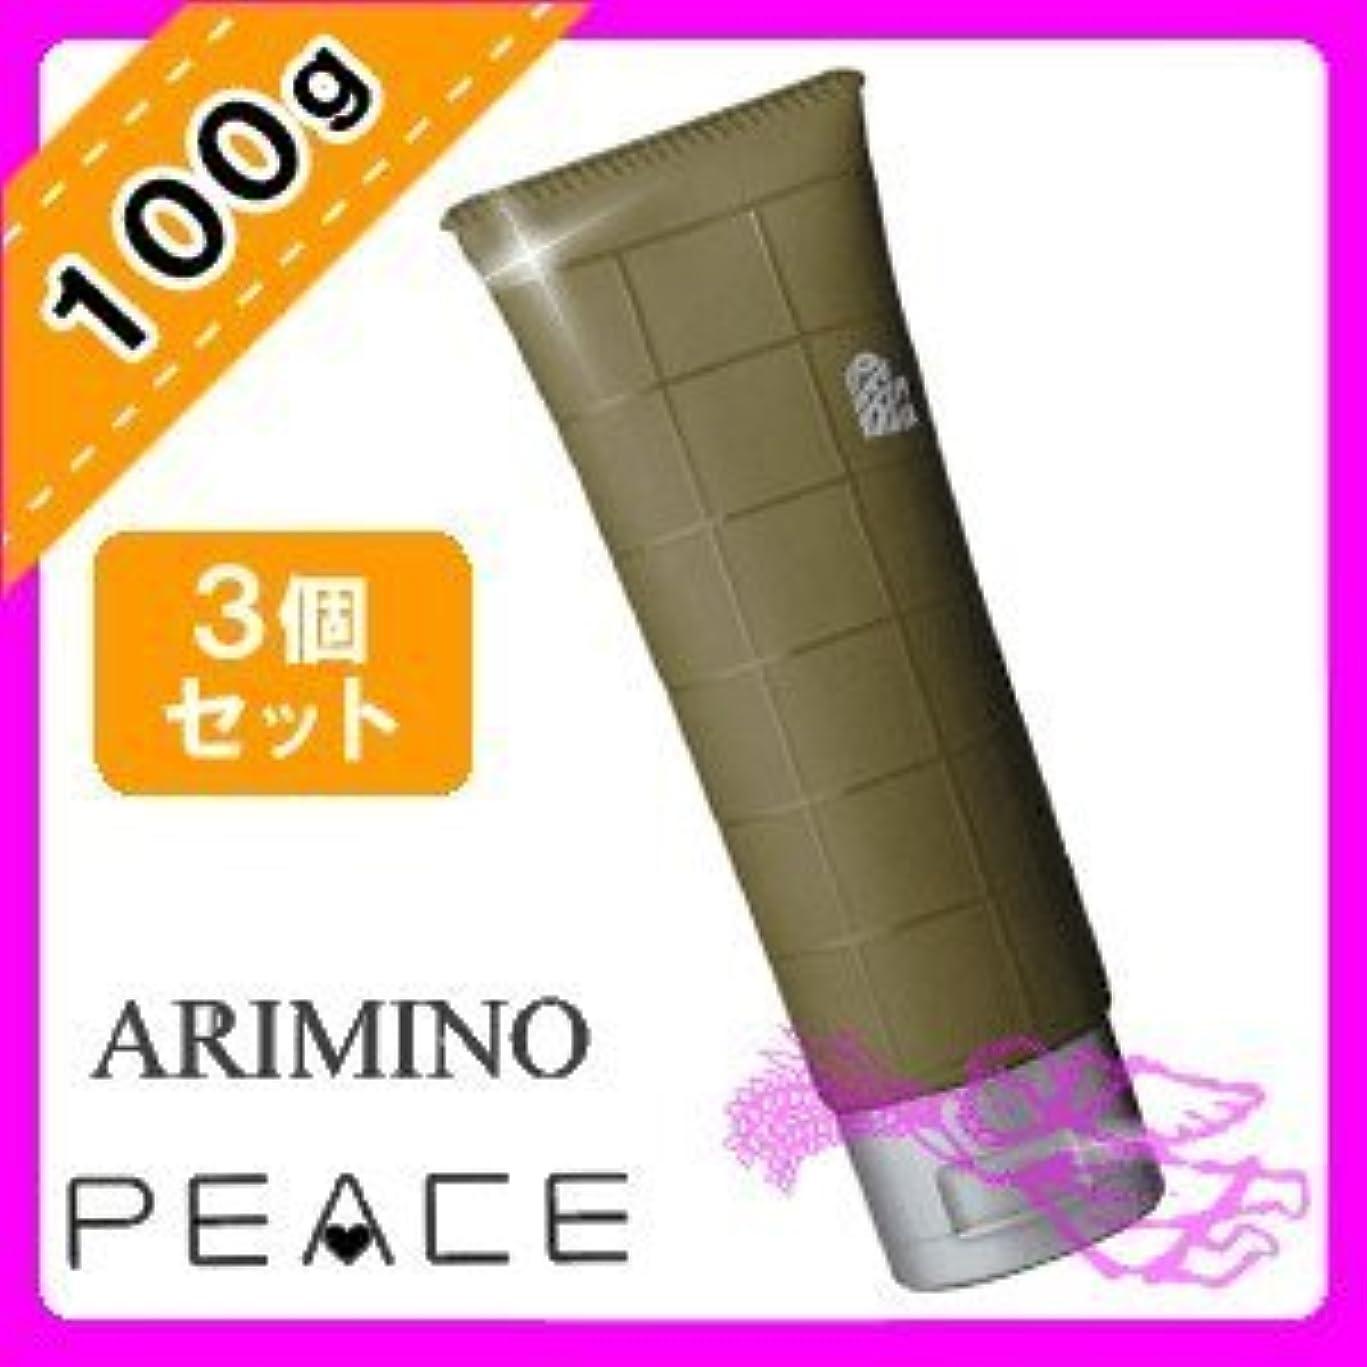 確かにネコ中毒アリミノ ピース ウェットオイル ワックス 100g ×3個セット arimino PEACE